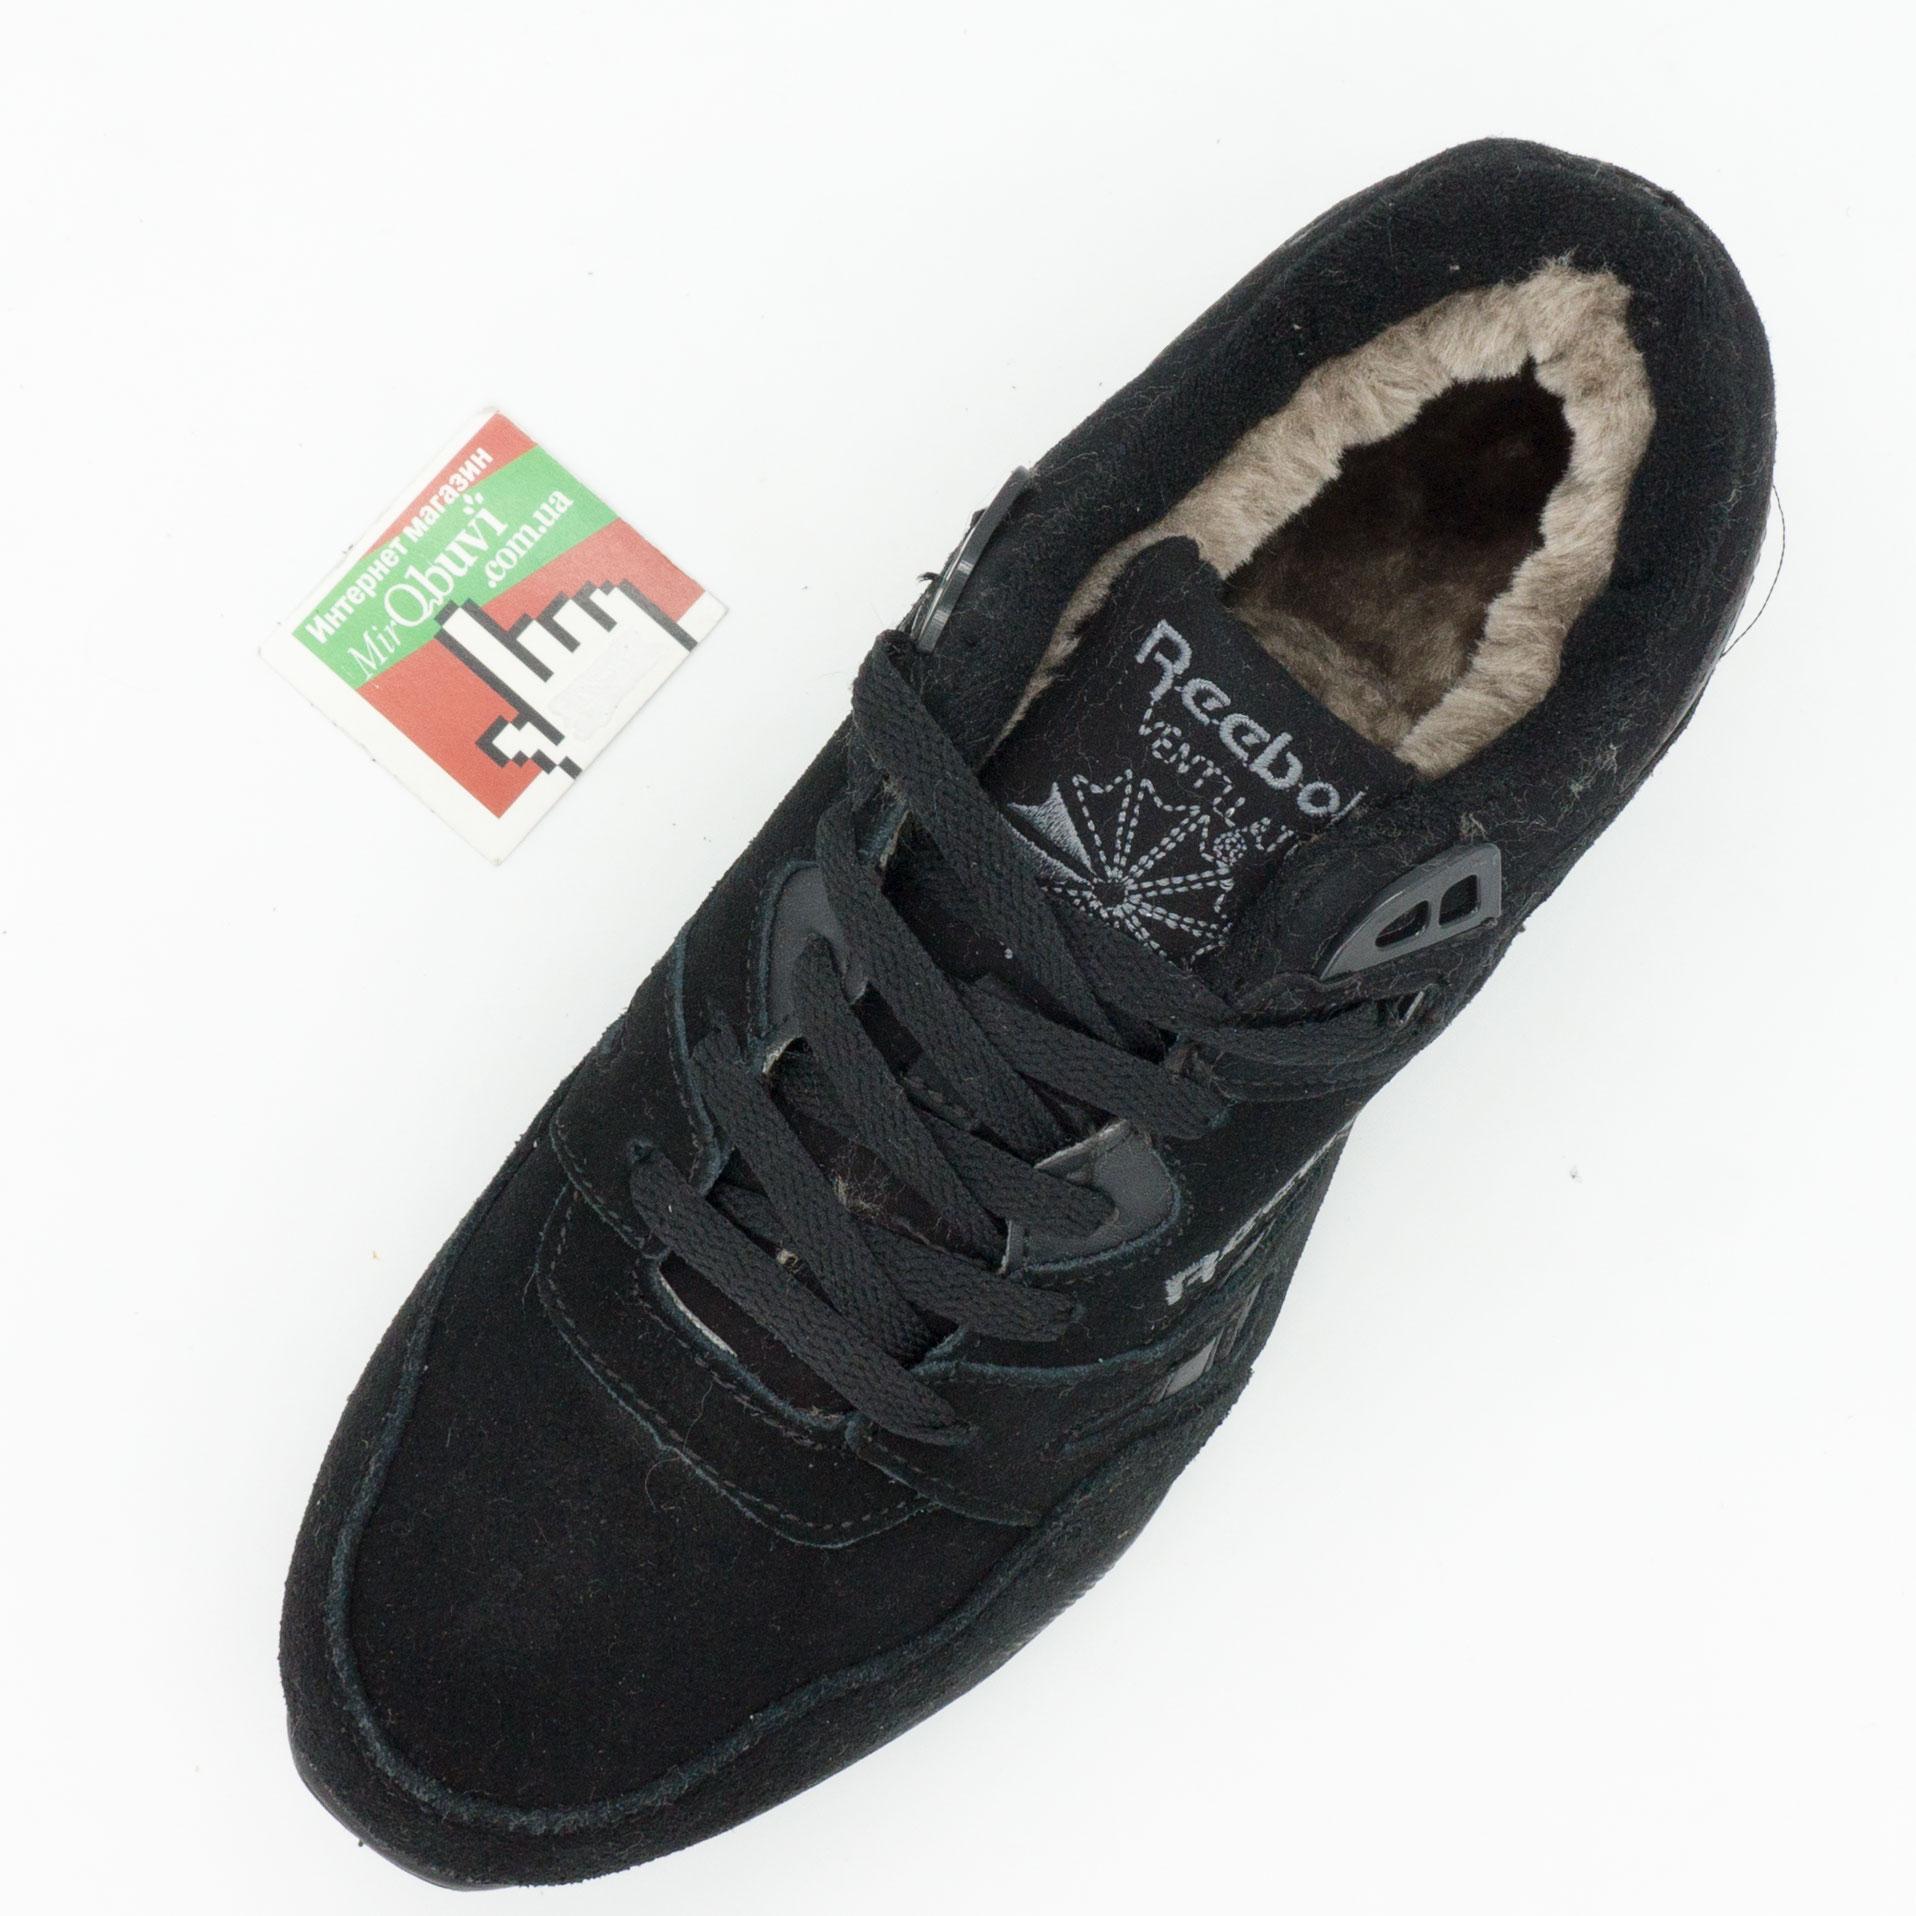 фото bottom Мужские зимние кроссовки Reebok hexalite полностью черные с мехом  (натуральная замша) bottom